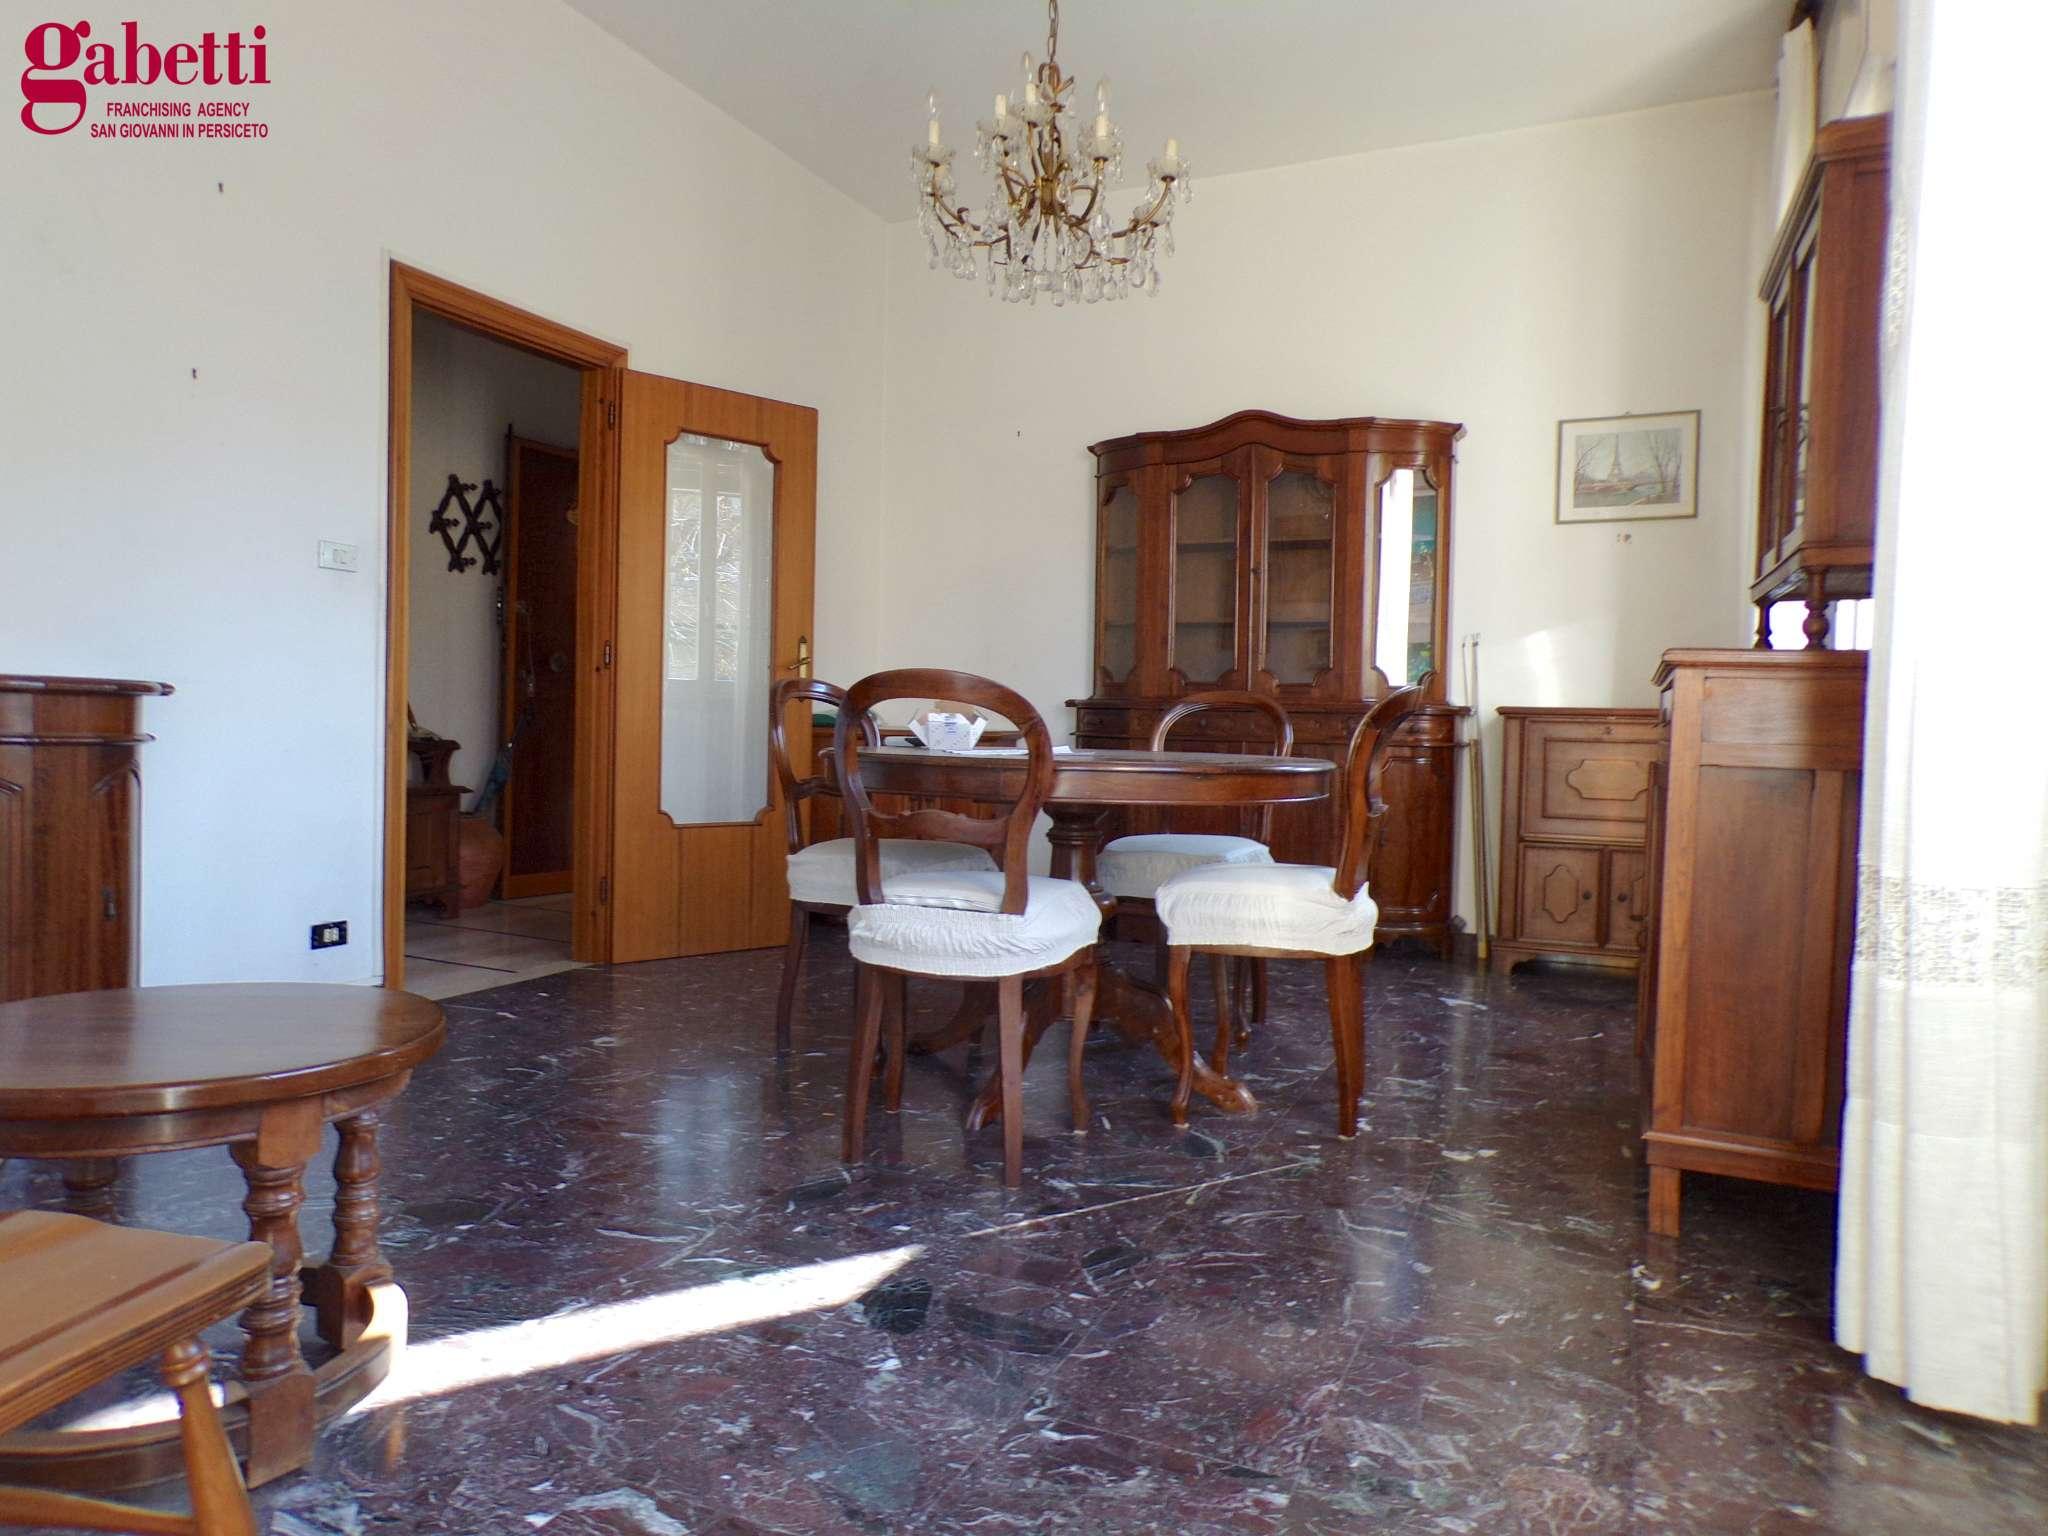 Appartamento in vendita a San Giovanni in Persiceto, 4 locali, prezzo € 140.000 | PortaleAgenzieImmobiliari.it